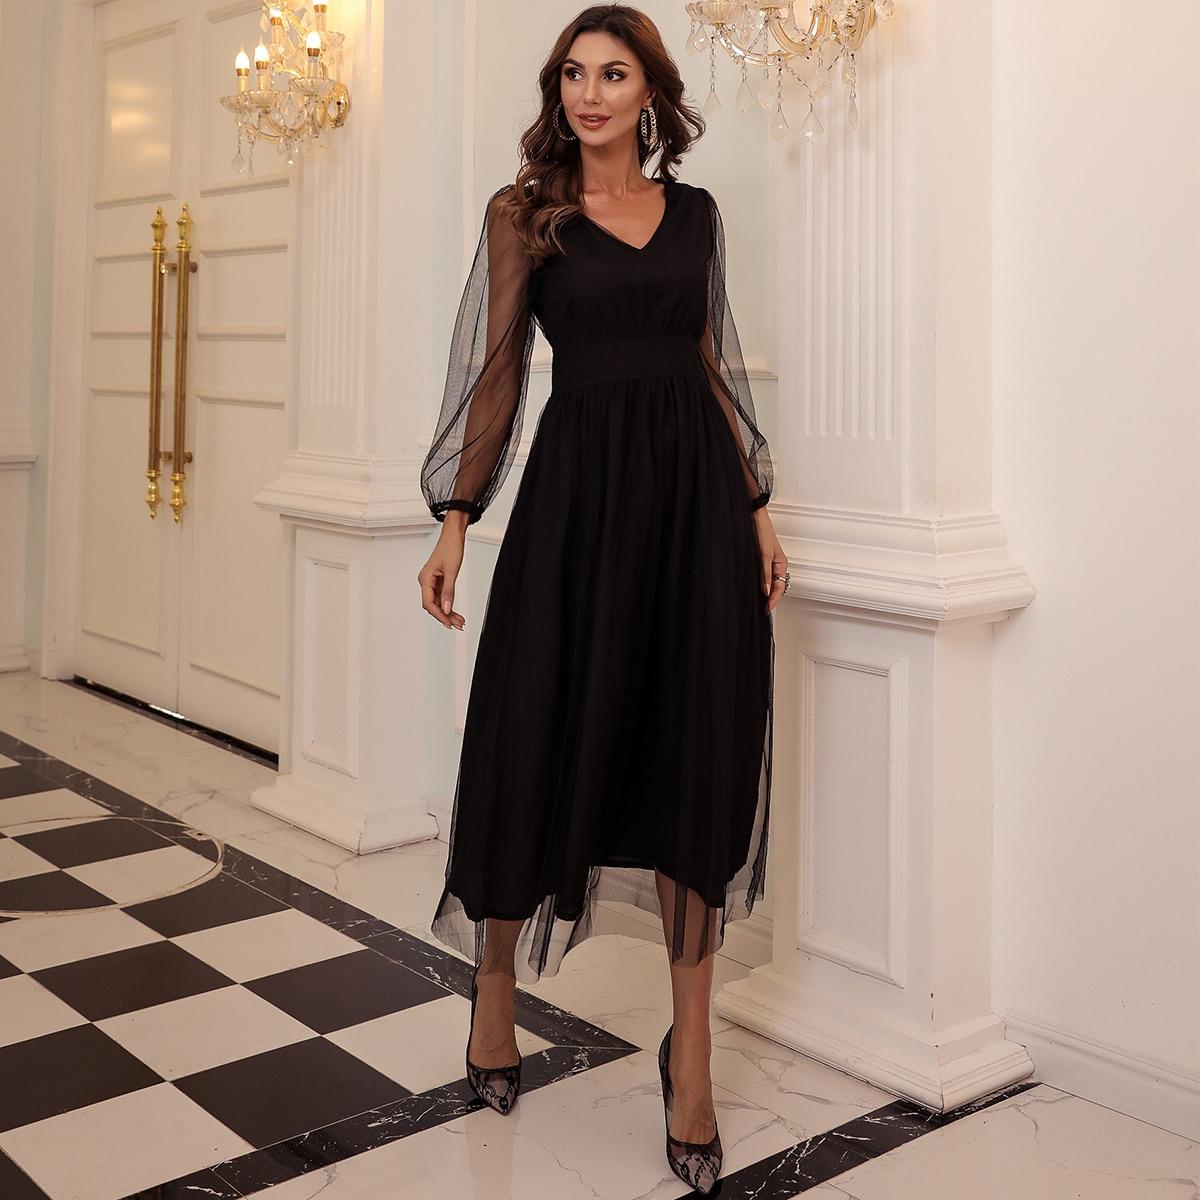 Сетчатое платье с прозрачным рукавом и молнией сзади